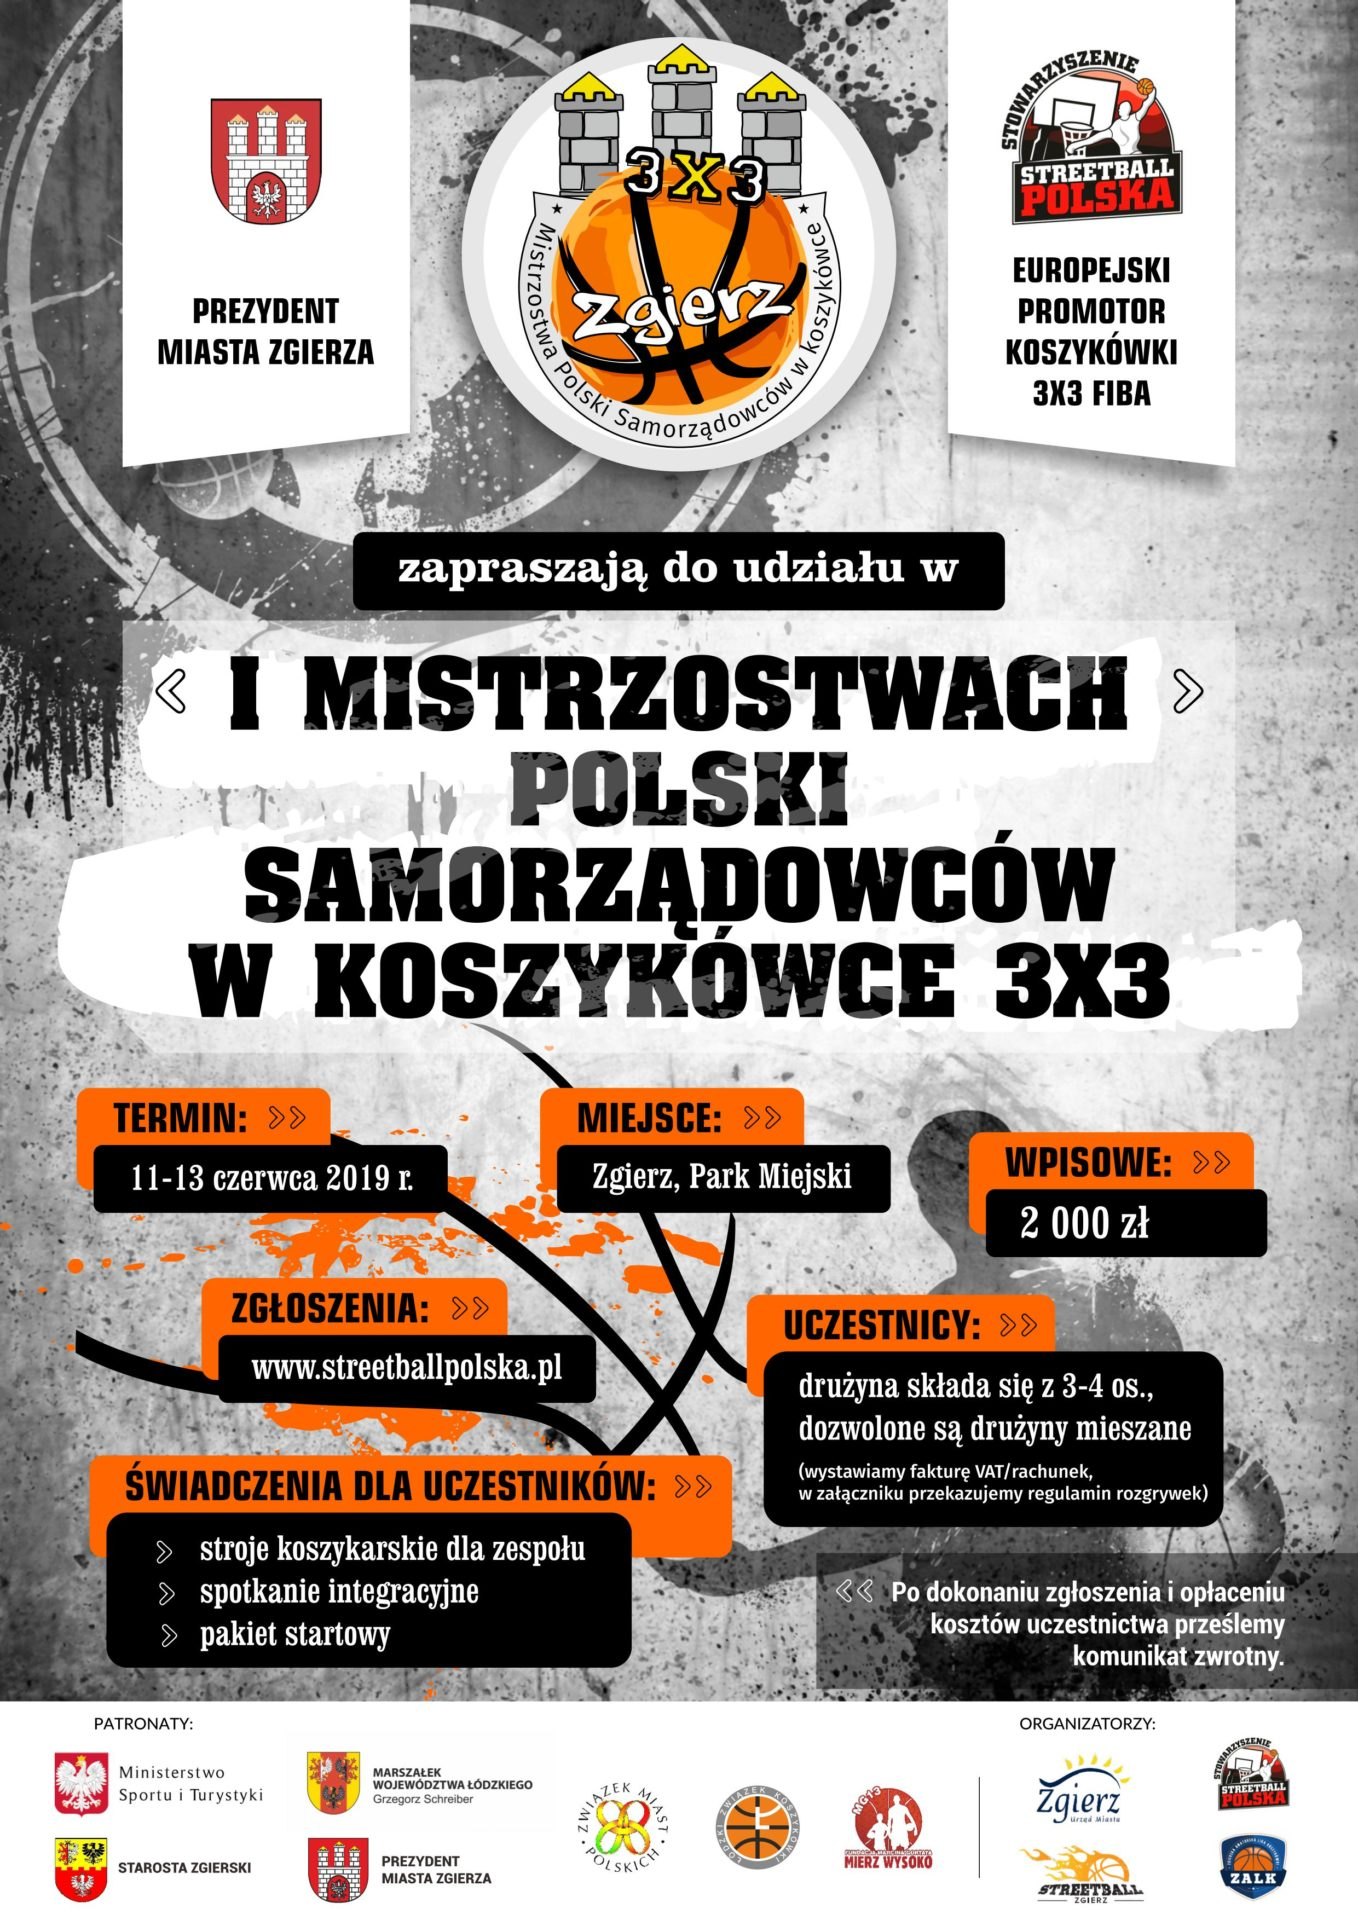 Mistrzostwa Polski Samorządowców w koszykówce